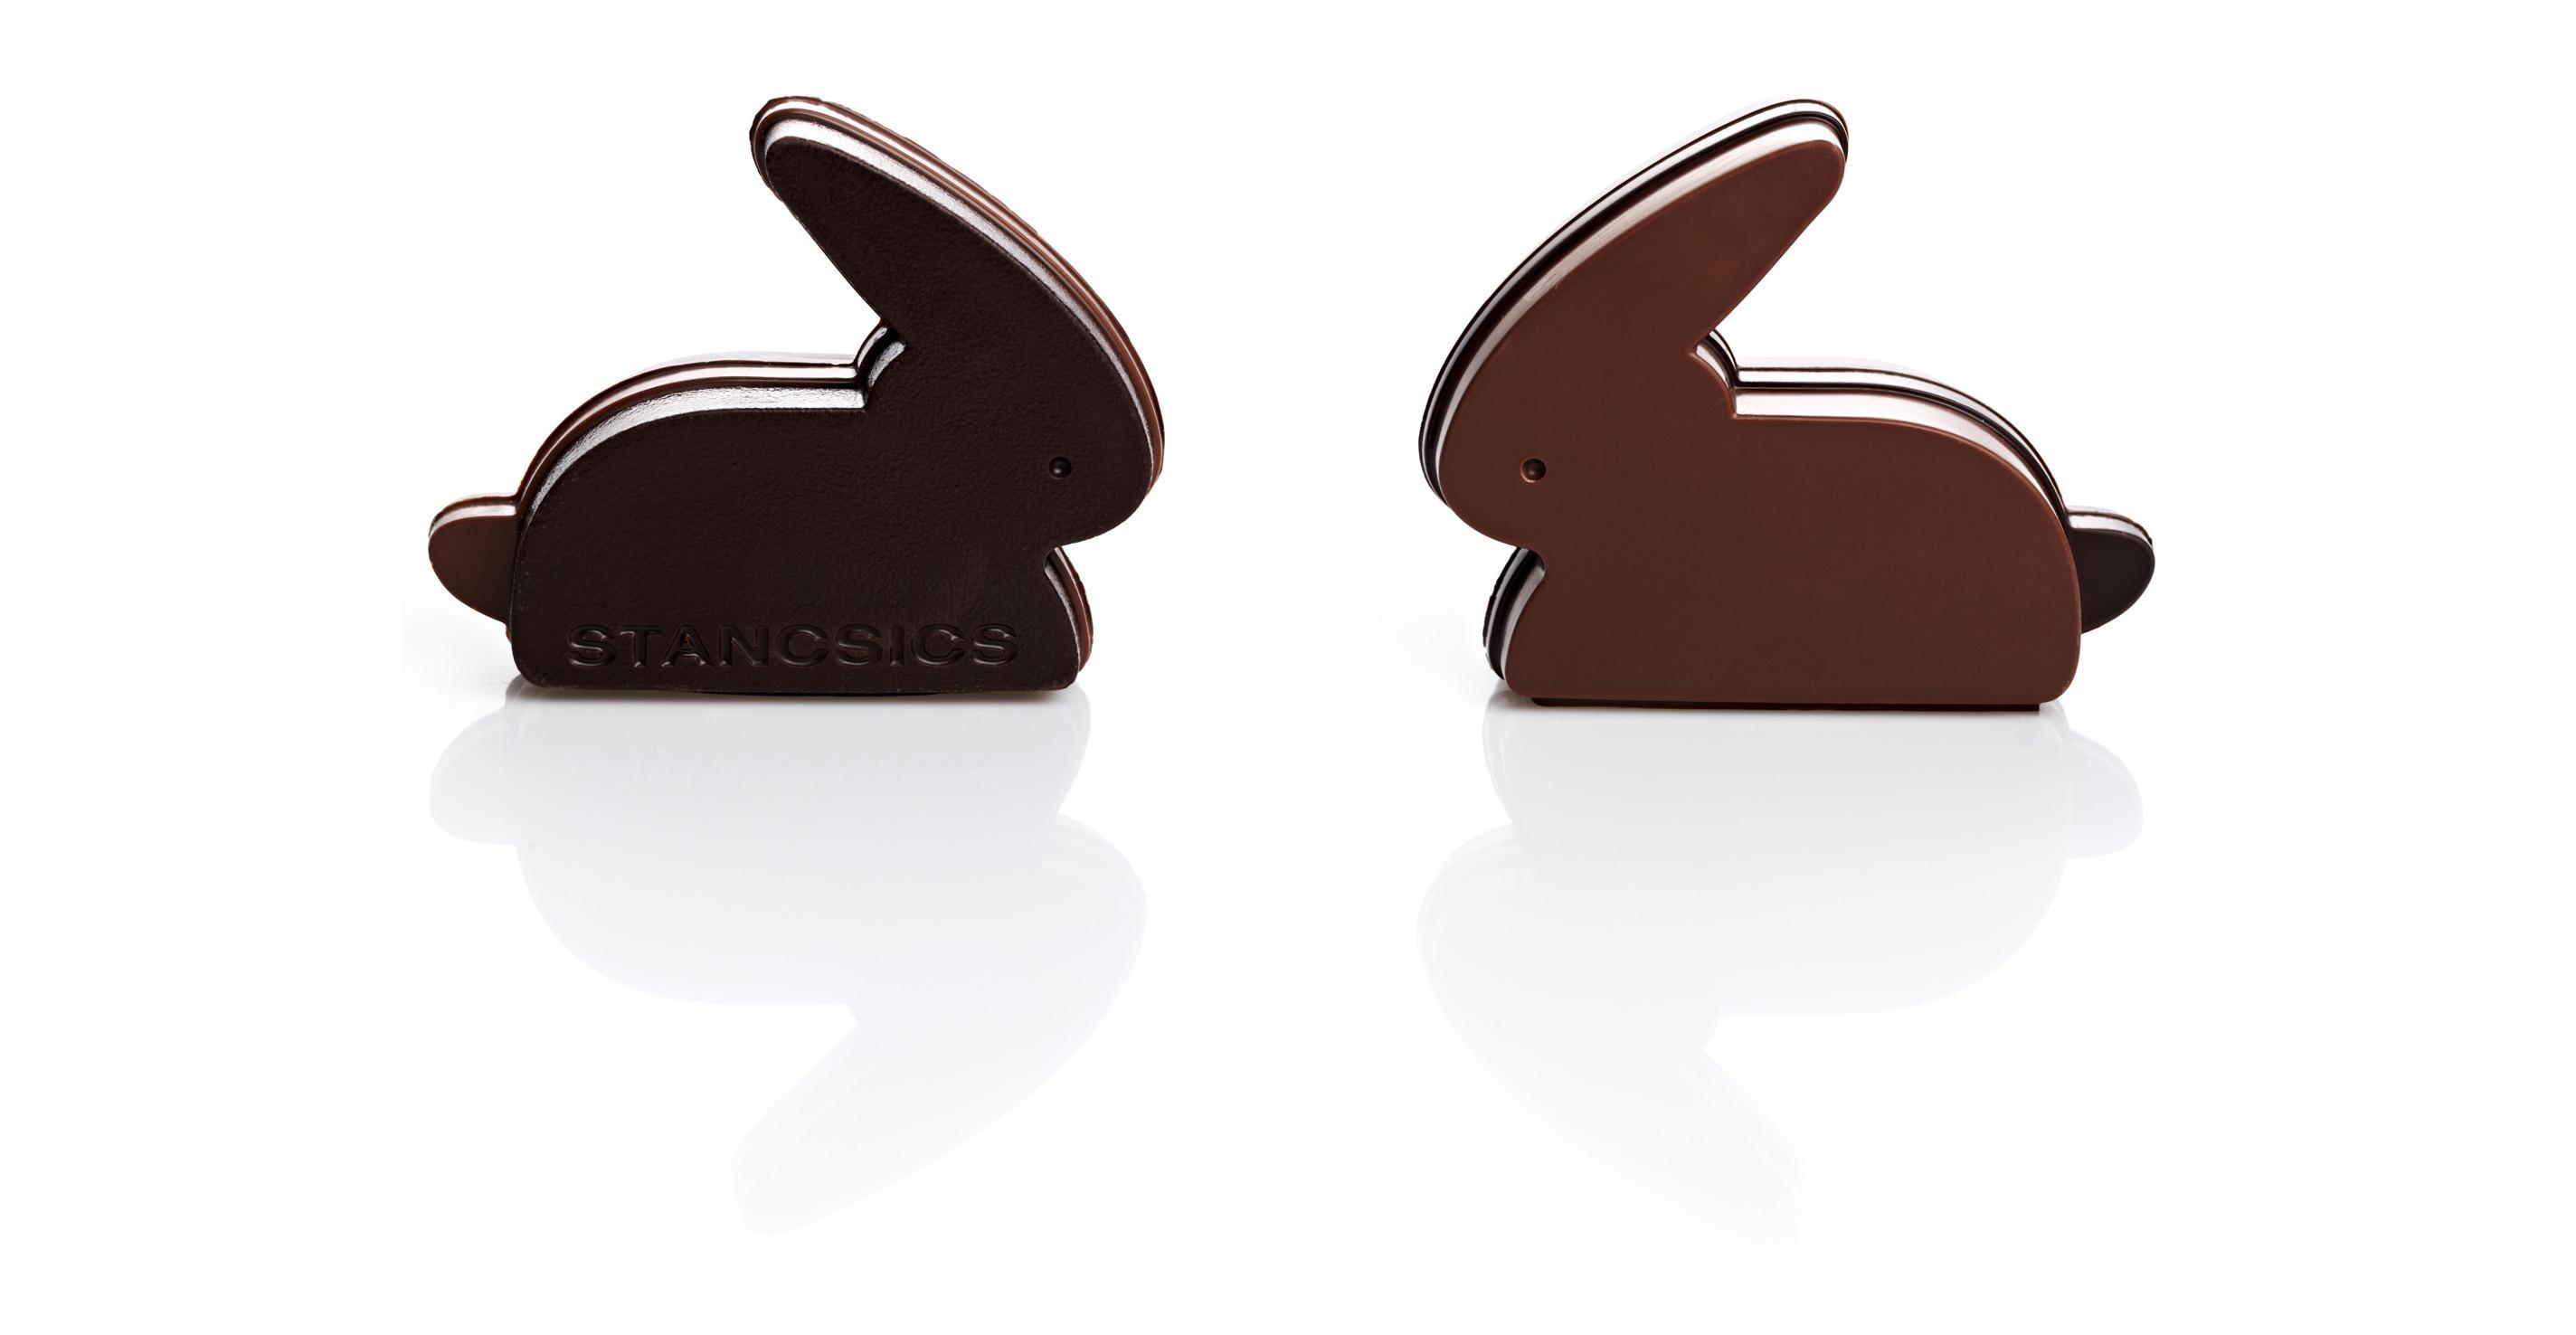 zwei moderne, dynamische schokohasen stehen sich schnäutzchen zu schnäutzchen gegenüber in vollmilchschokolade und in edelbitterschokolade